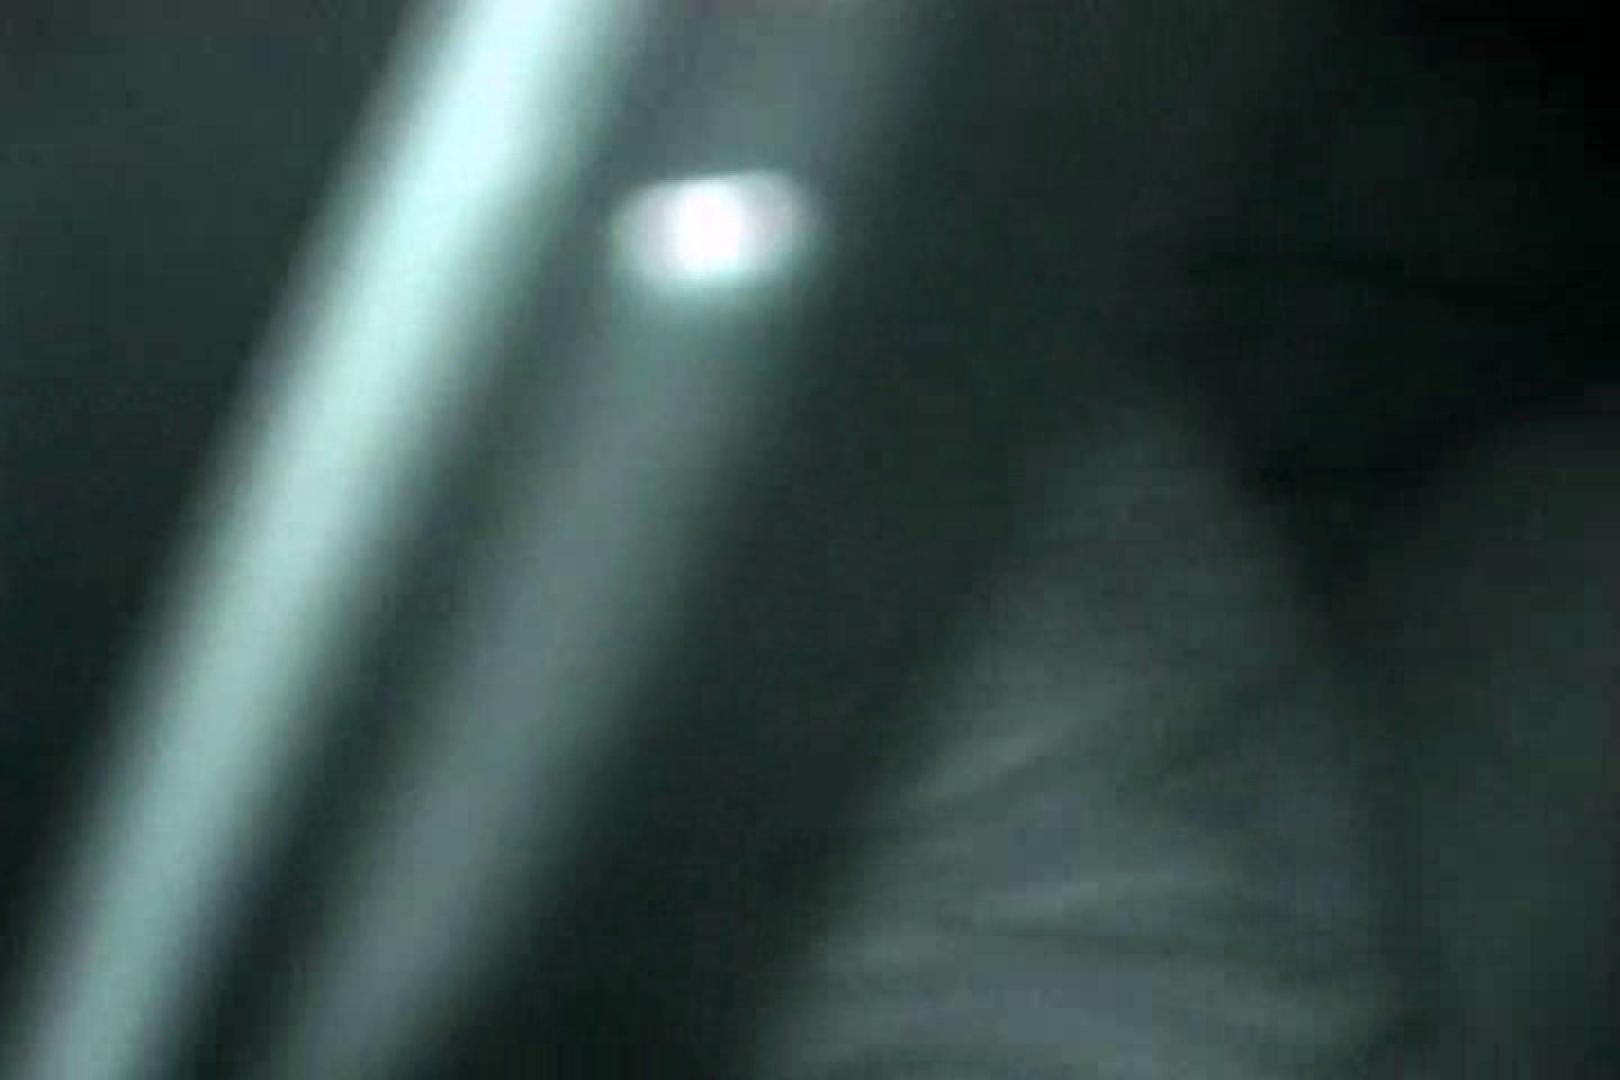 「充血監督」さんの深夜の運動会!! vol.137 OLの実態 のぞきエロ無料画像 87pic 32